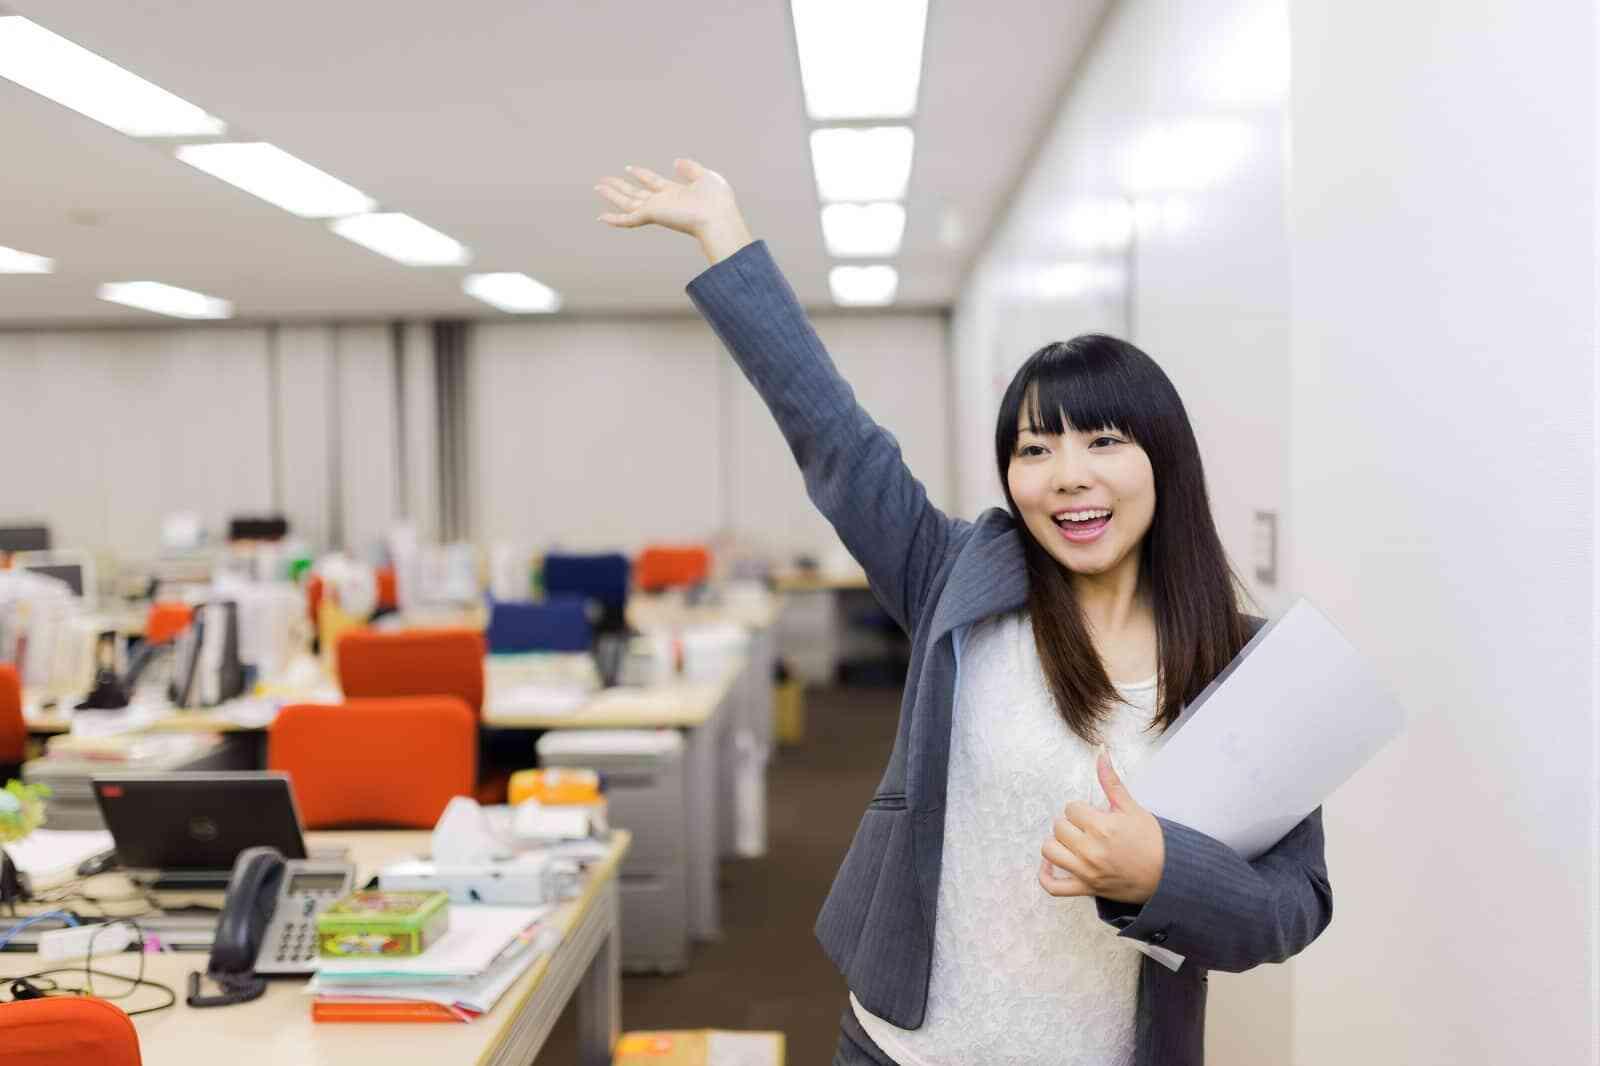 就活をスムーズに進めるポイント3:インターンシップを活用する